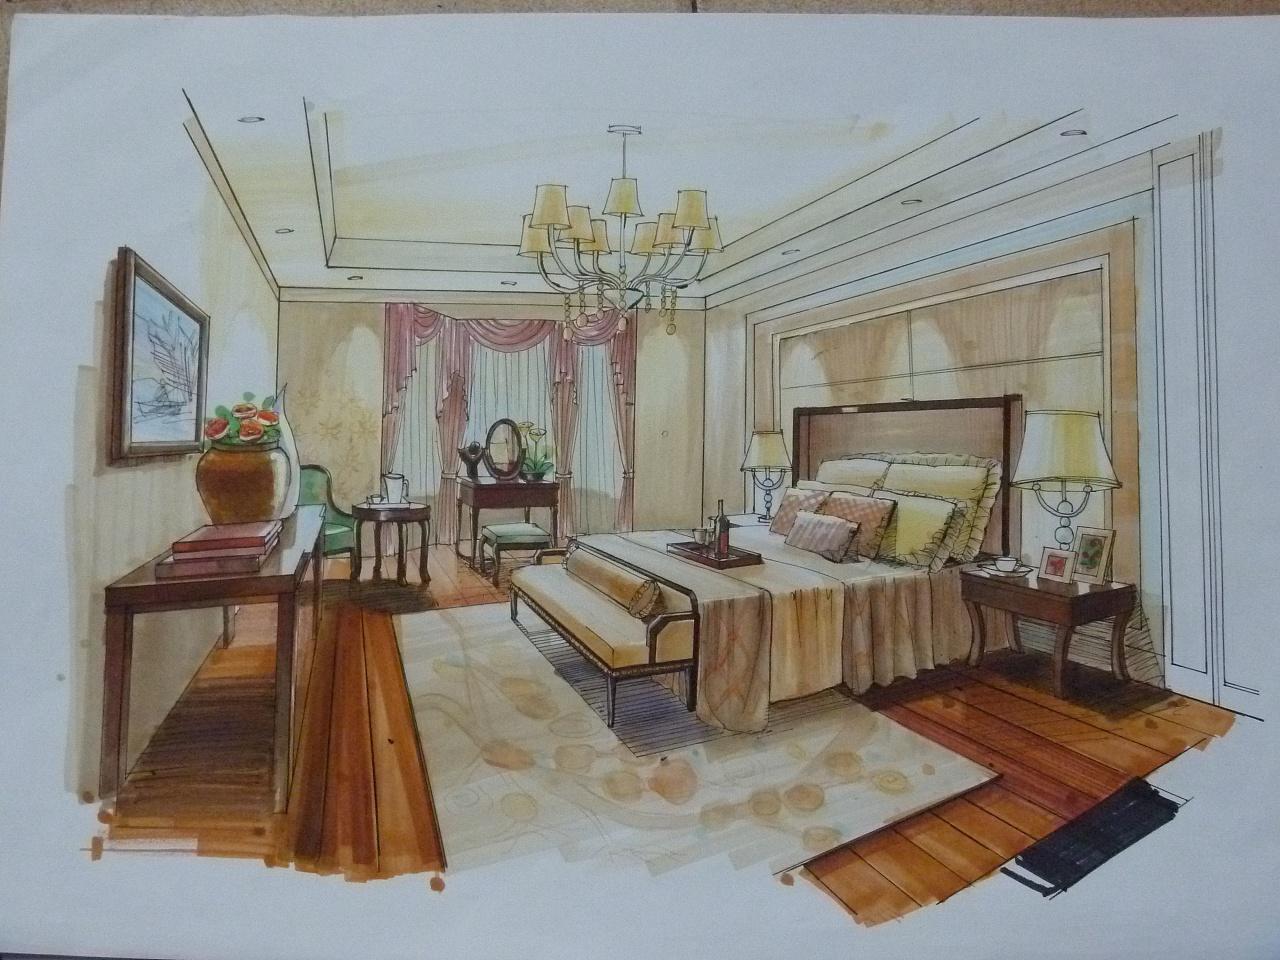 室内快题设计 - 原创作品 - 站酷(zcool)图片